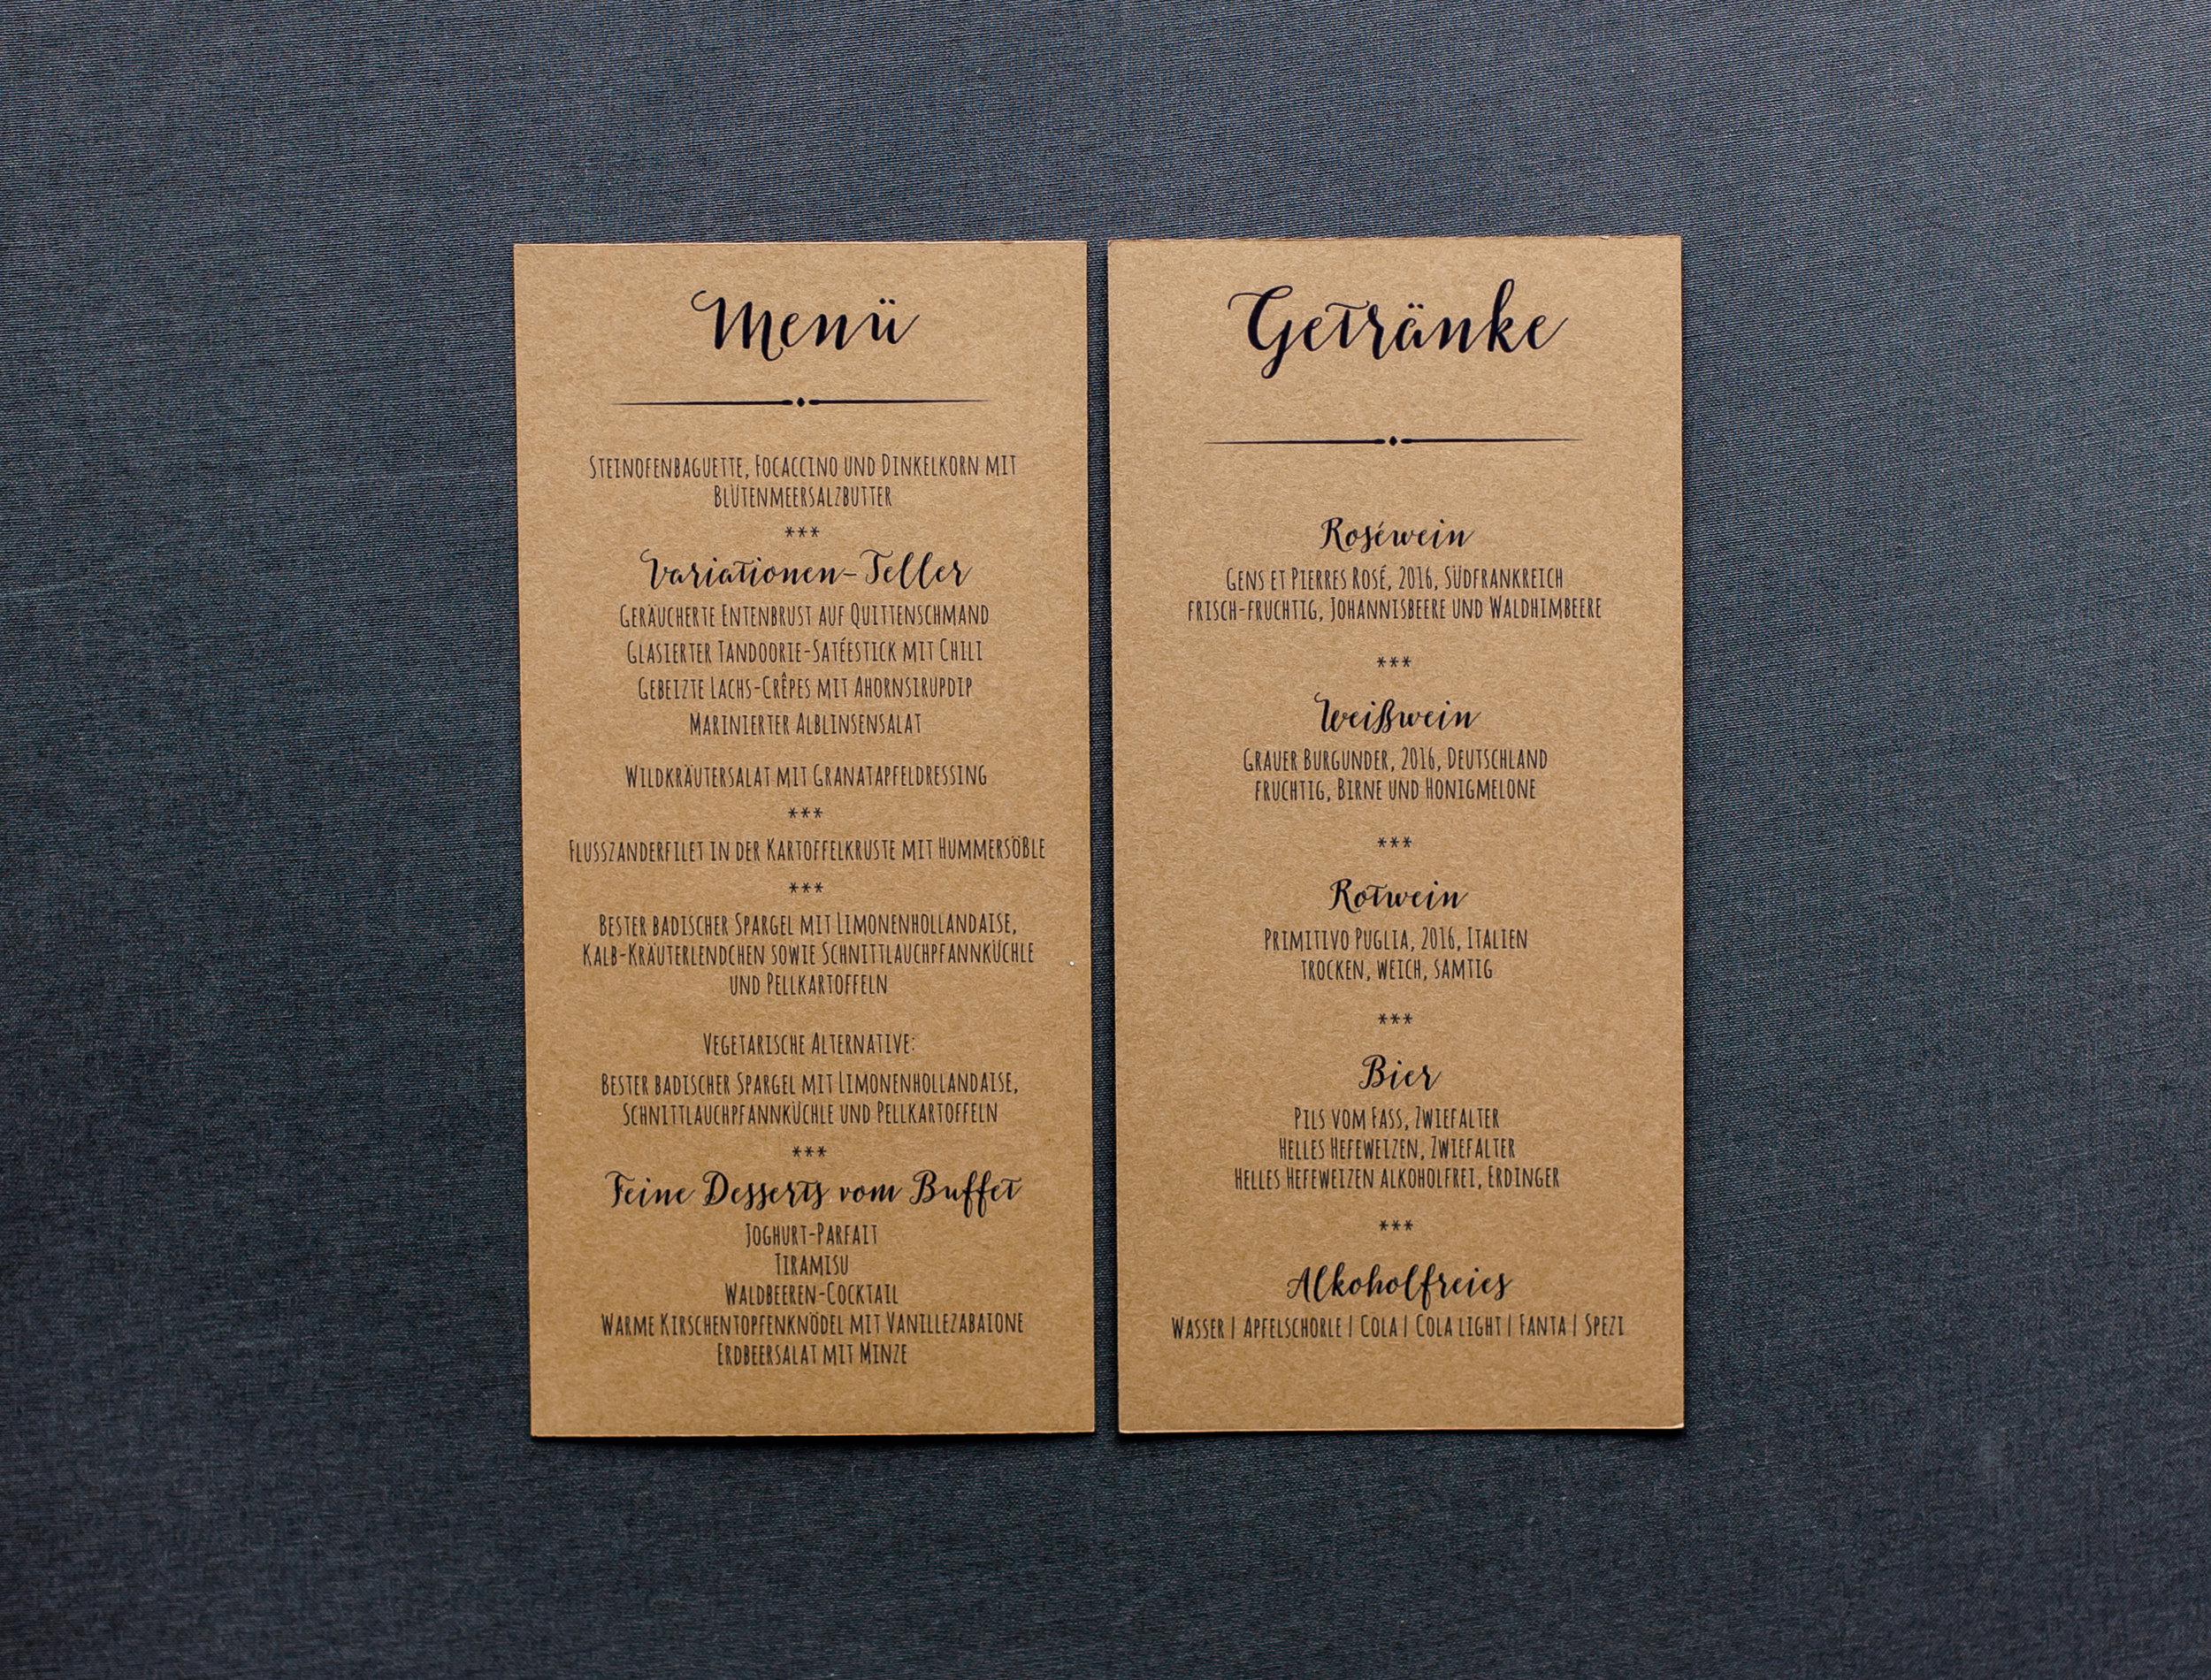 Menü- und Getränkekarte, Flachkarte, Vorder- und Rückseite